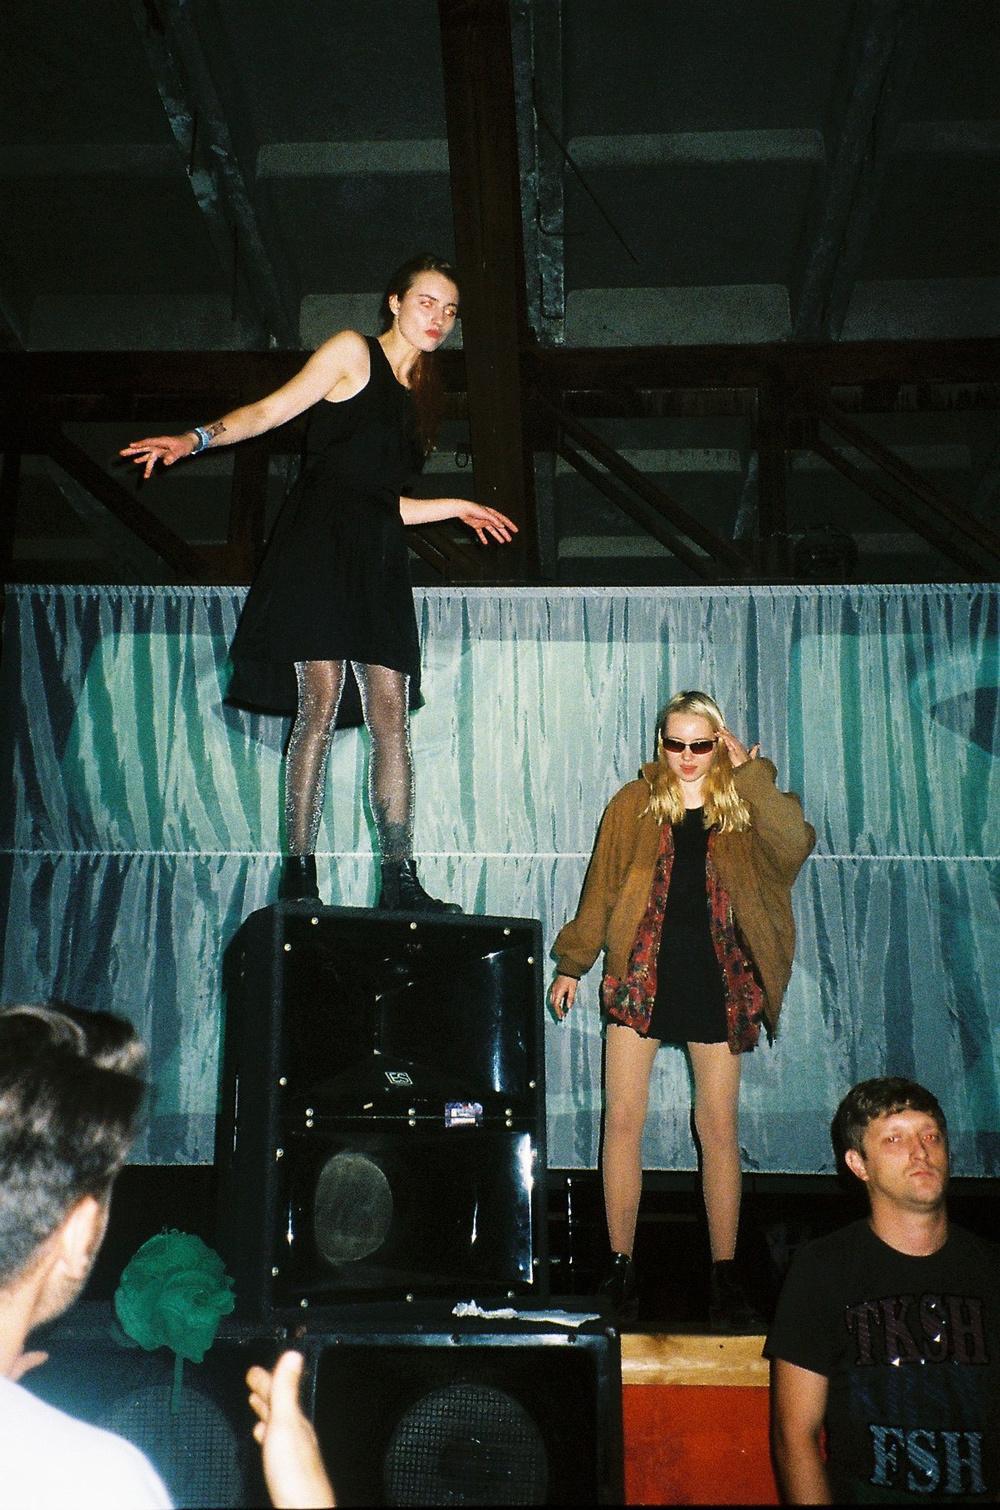 Одежда на этих рейв-тусовках как будто вдохновлена стилем 90-х. Возможно, это связано с тем, что бол